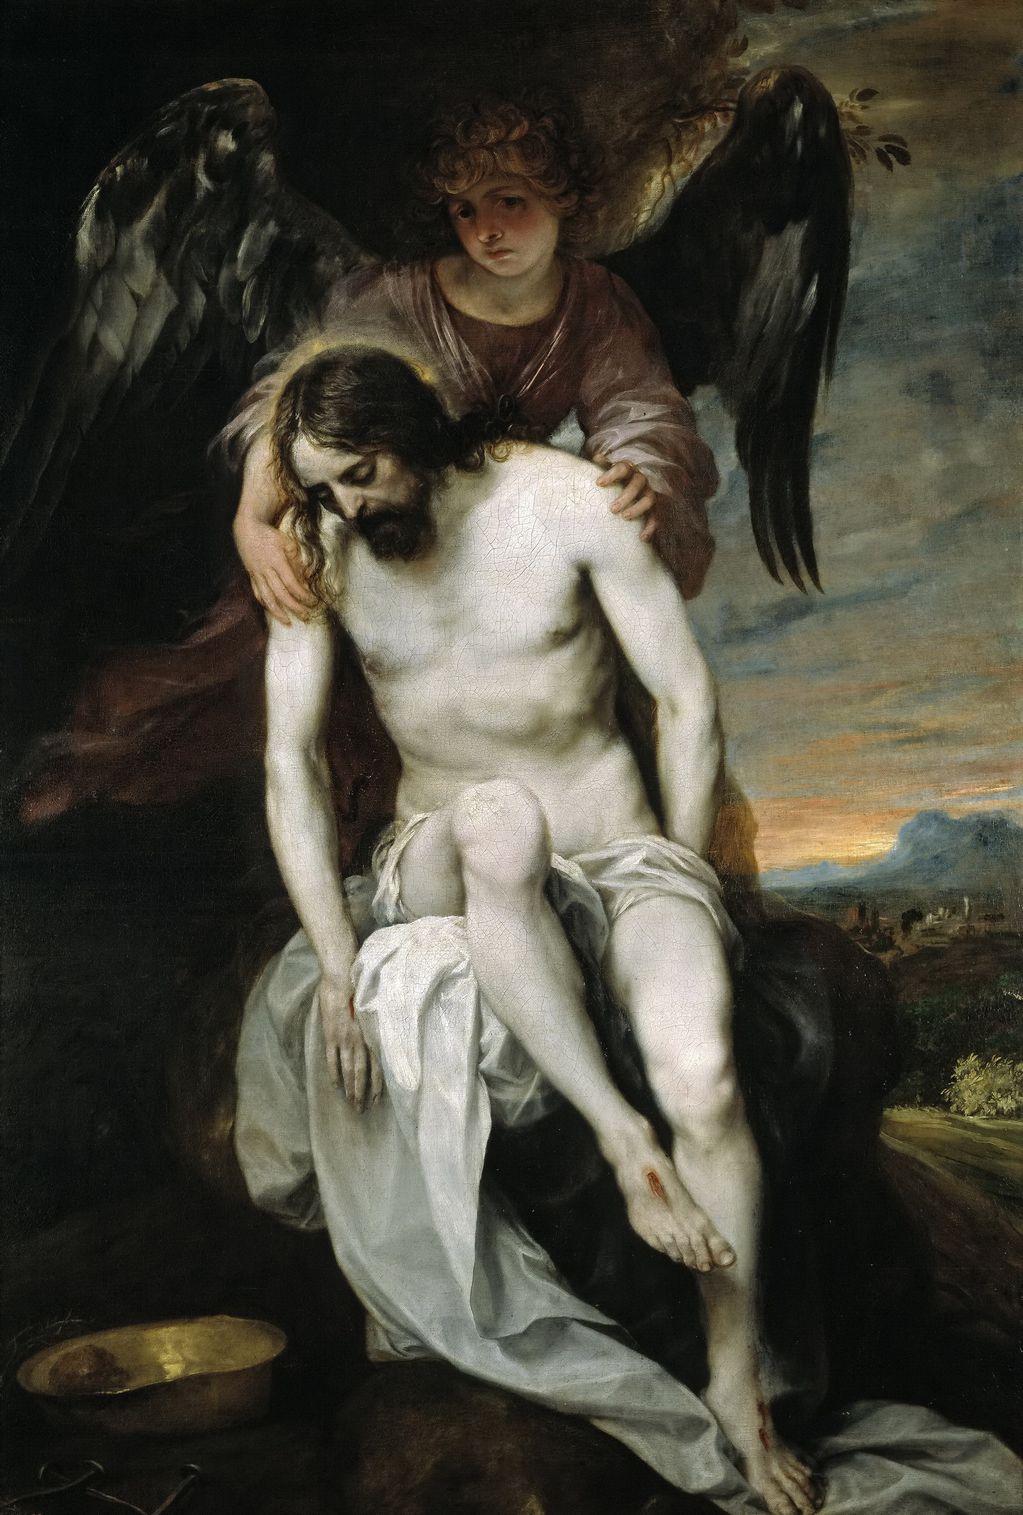 Кано Алонсо (1601-1667) Мертвый Христос, поддерживаемый ангелом